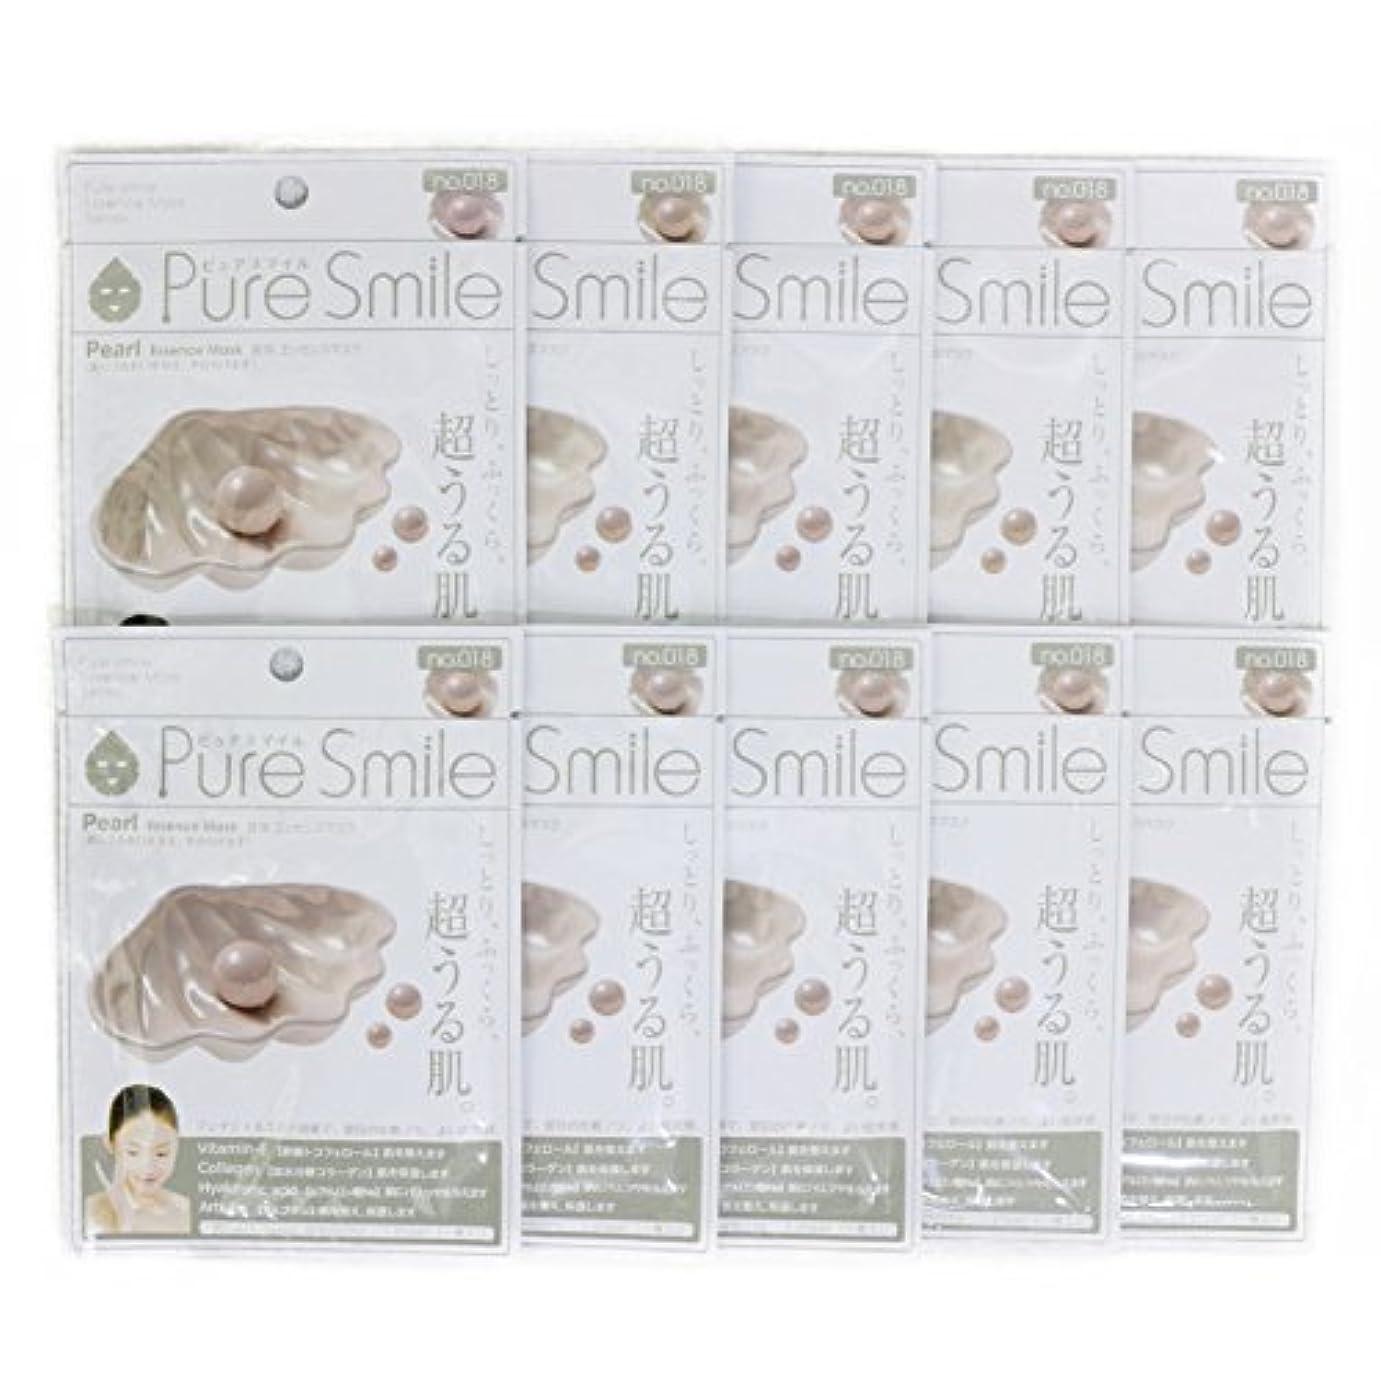 カップ費やす所持Pure Smile ピュアスマイル エッセンスマスク 真珠 10枚セット